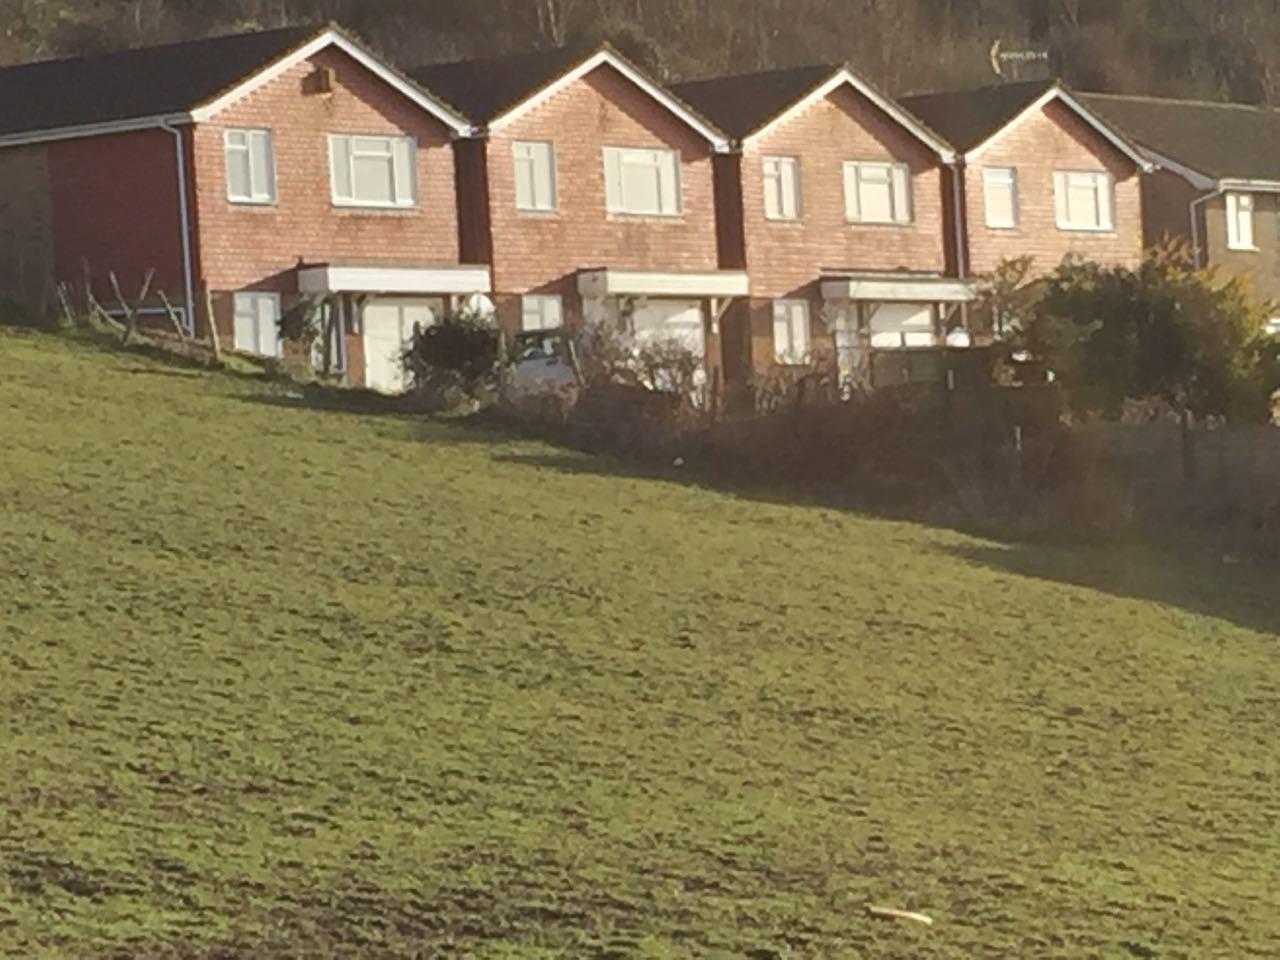 Coomber Meadow, Saltdean - 17